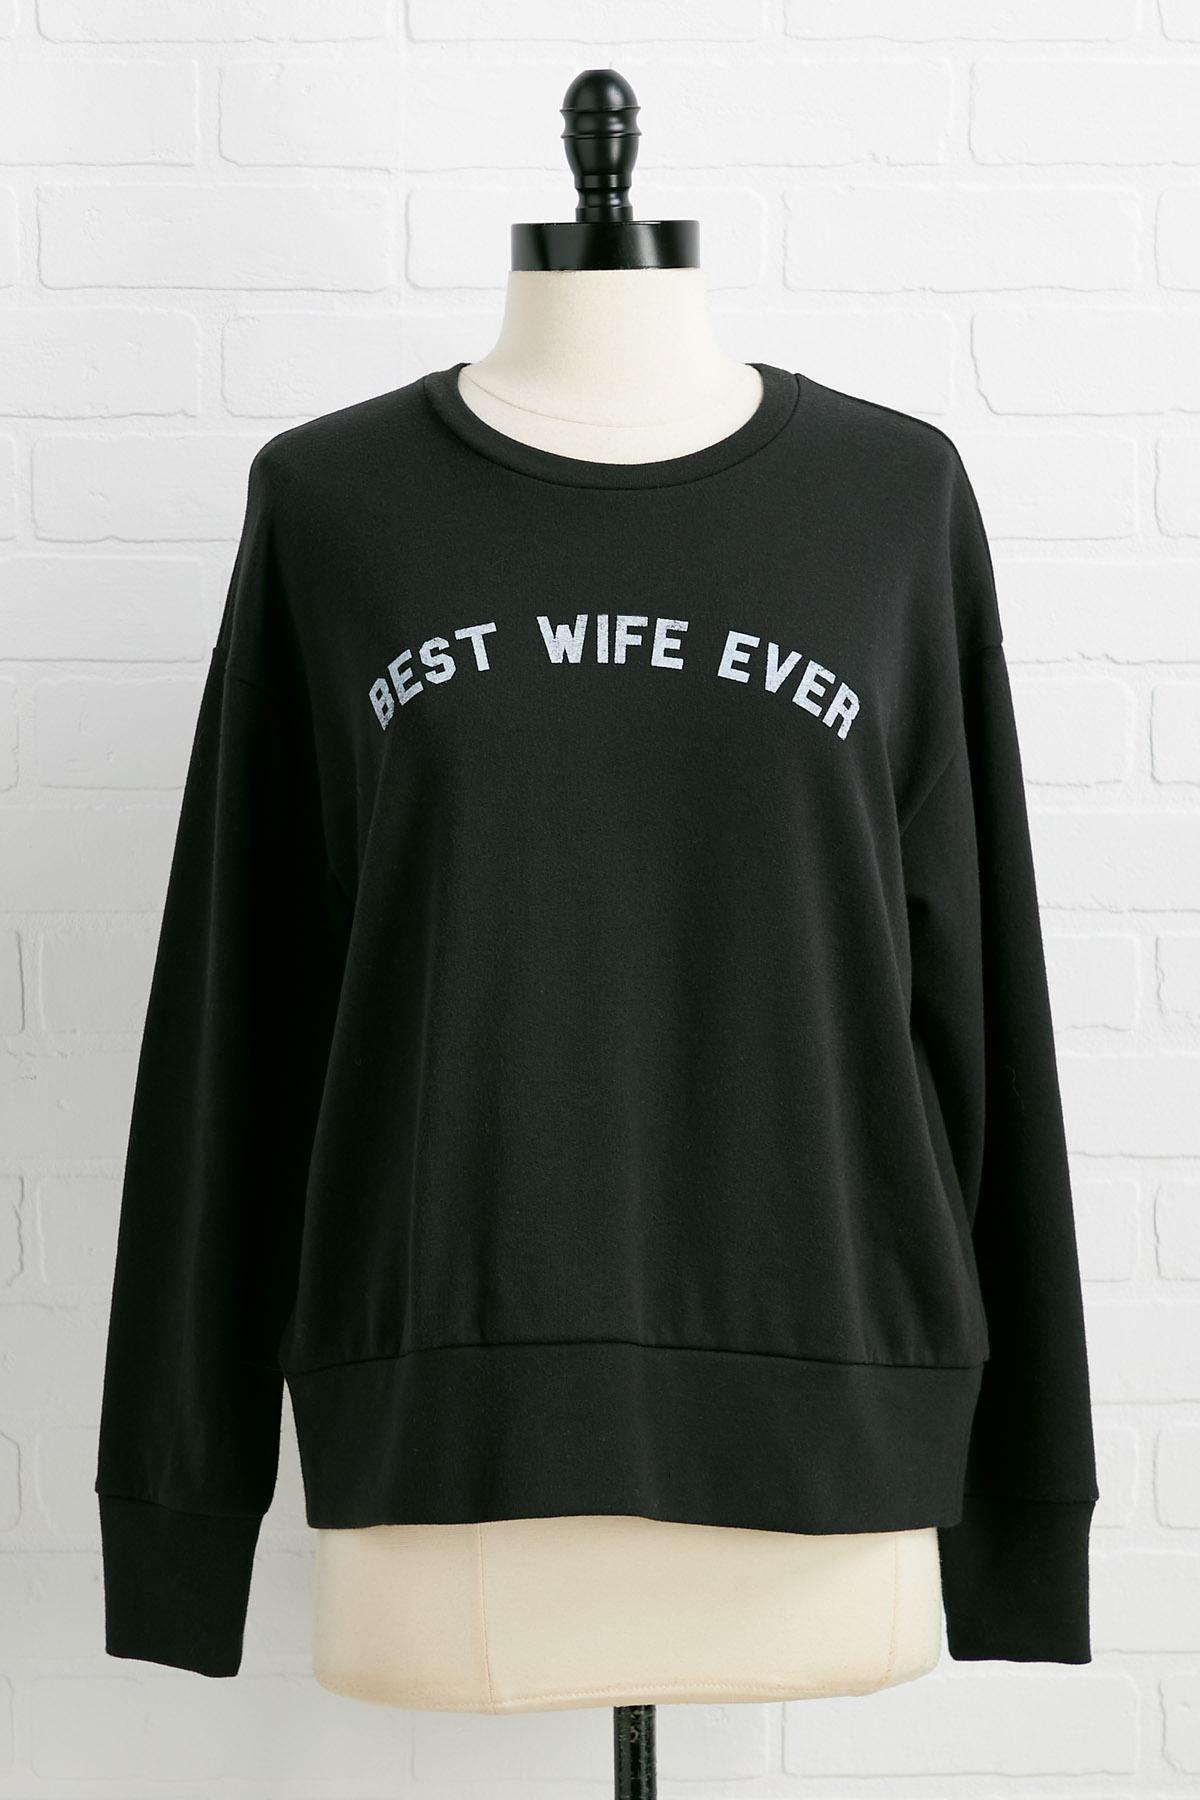 Best Wife Ever Top